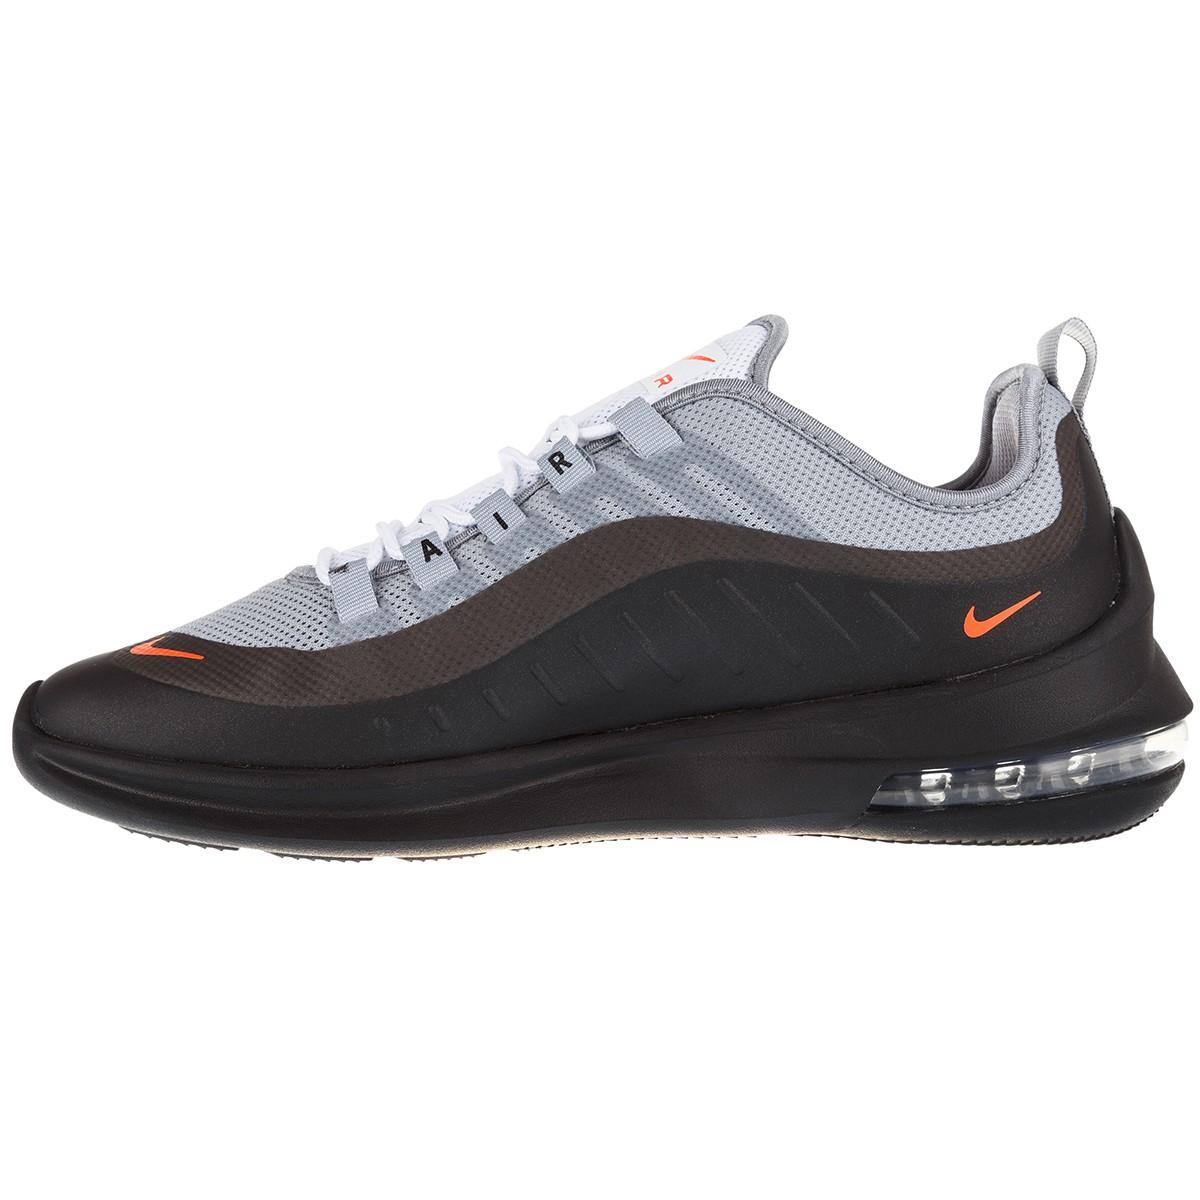 2d5ab00a Кеды Nike Air считаются одной из самых популярных моделей современности. Эта  классическая модель производится, начиная с 1987 года.